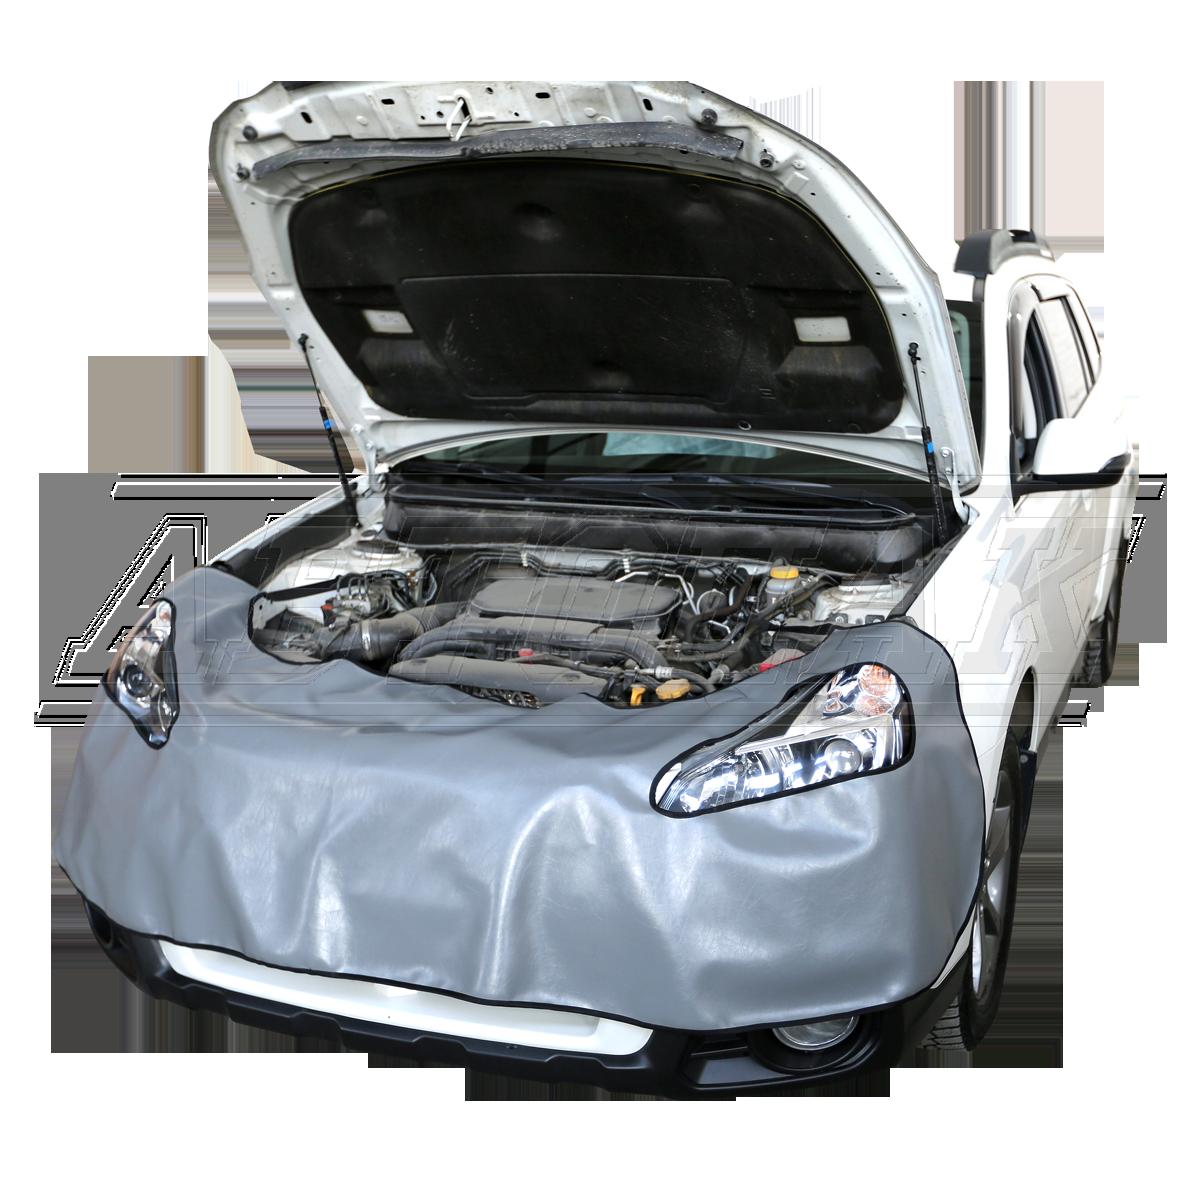 Накидки на переднюю часть автомобиля из эко-кожи.